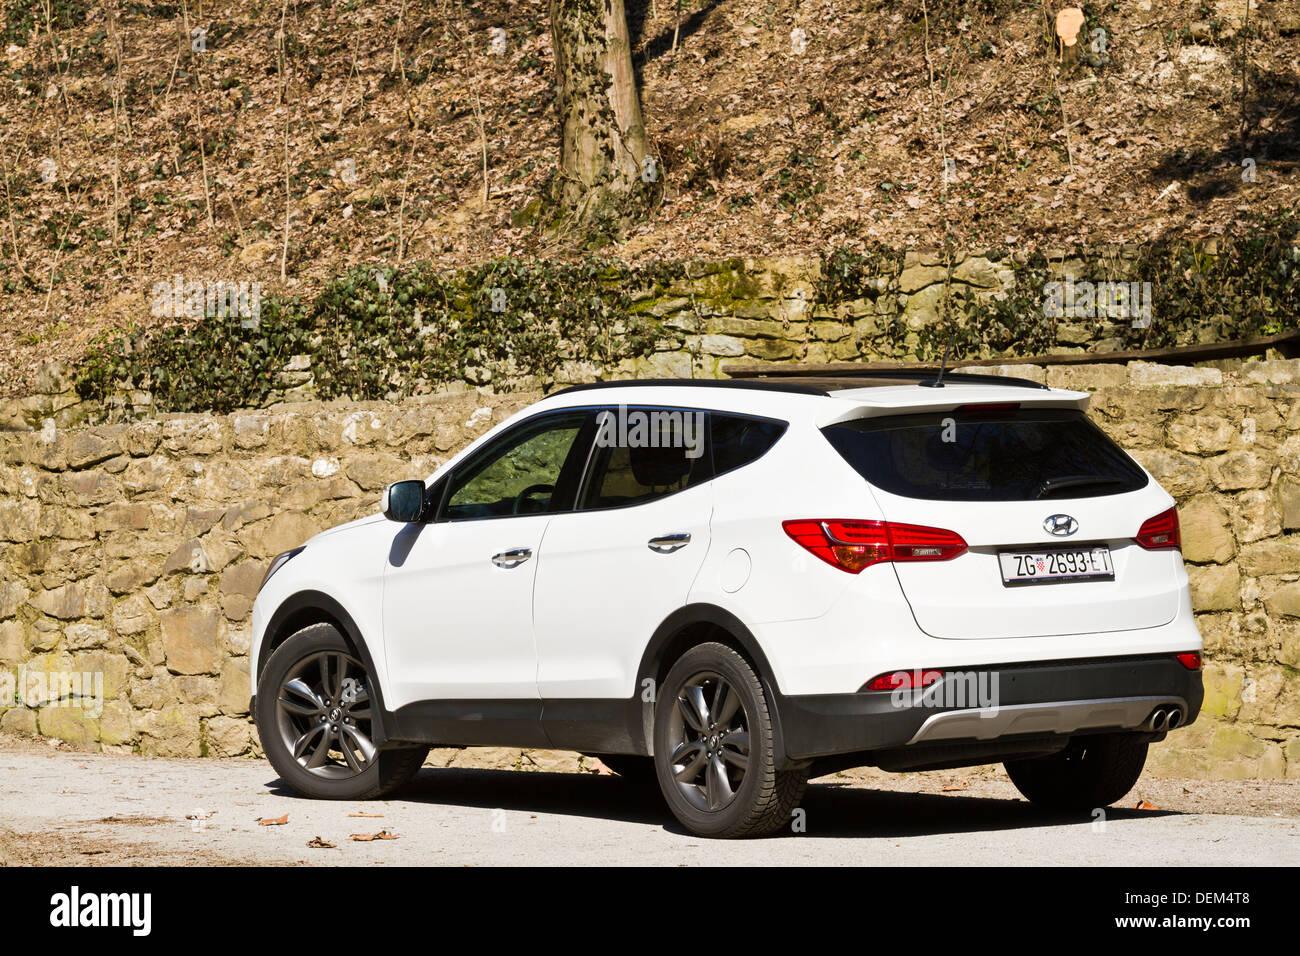 Hyundai Santa Fe 2.2 CRDi iThink 4WD A/T - Stock Image